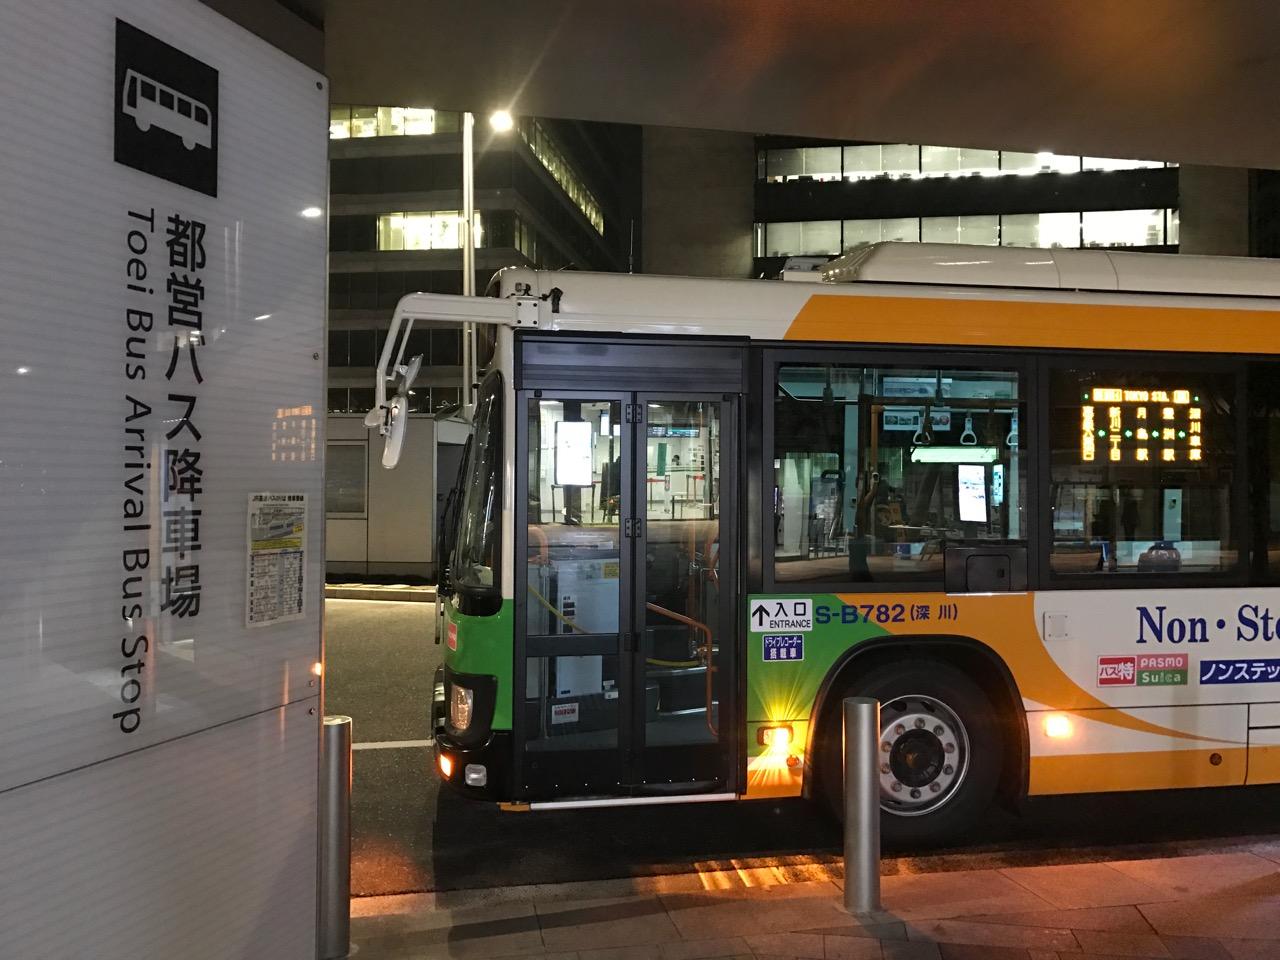 新幹線「東京行き二万円です」飛行機「東京行き二万円です」深夜バス「東京行き二千円です」